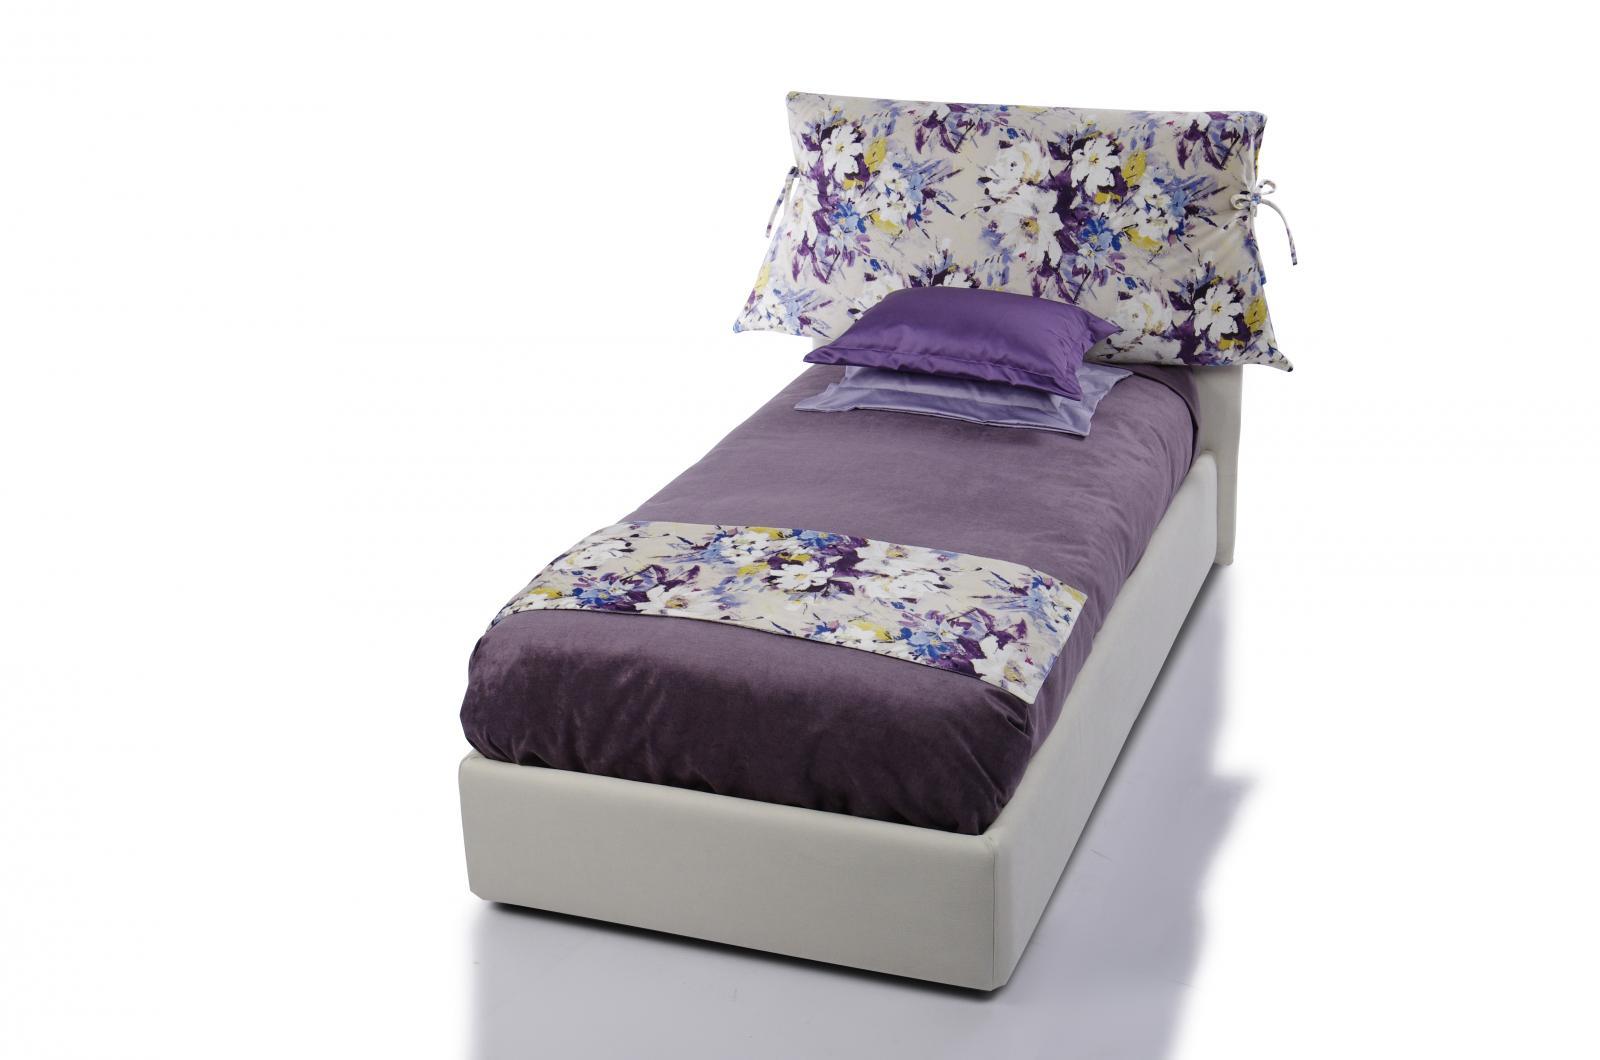 Купить Кровать Alfabed Lounge 90х200, inmyroom, Италия